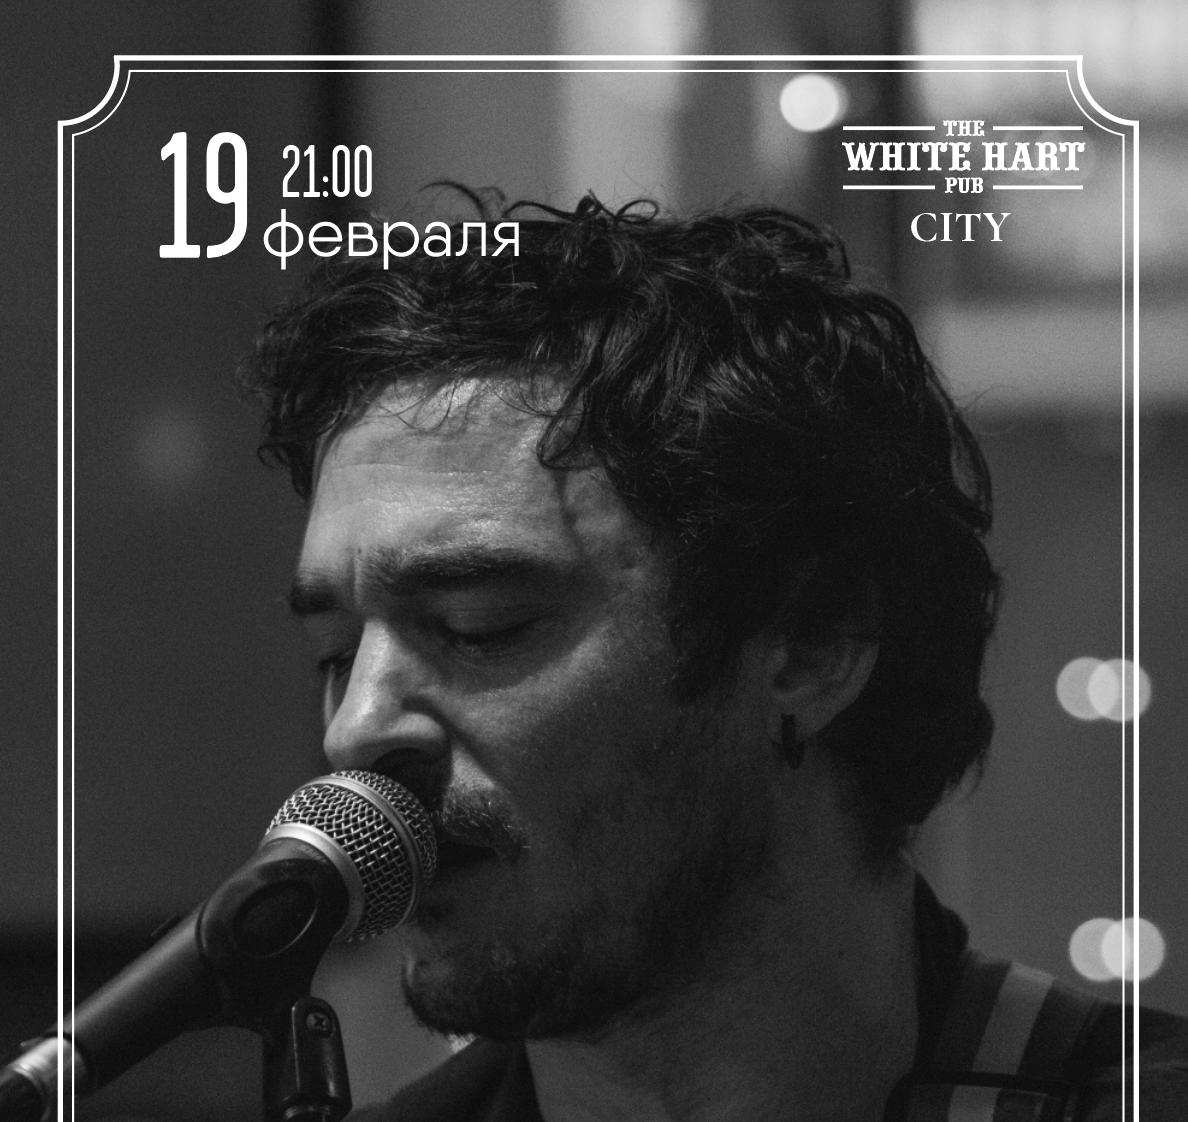 Афиша! Музыкальный исполнитель Конор Фрэнсис (Ирландия) 19 февраля в White Hart Pub Moscow City